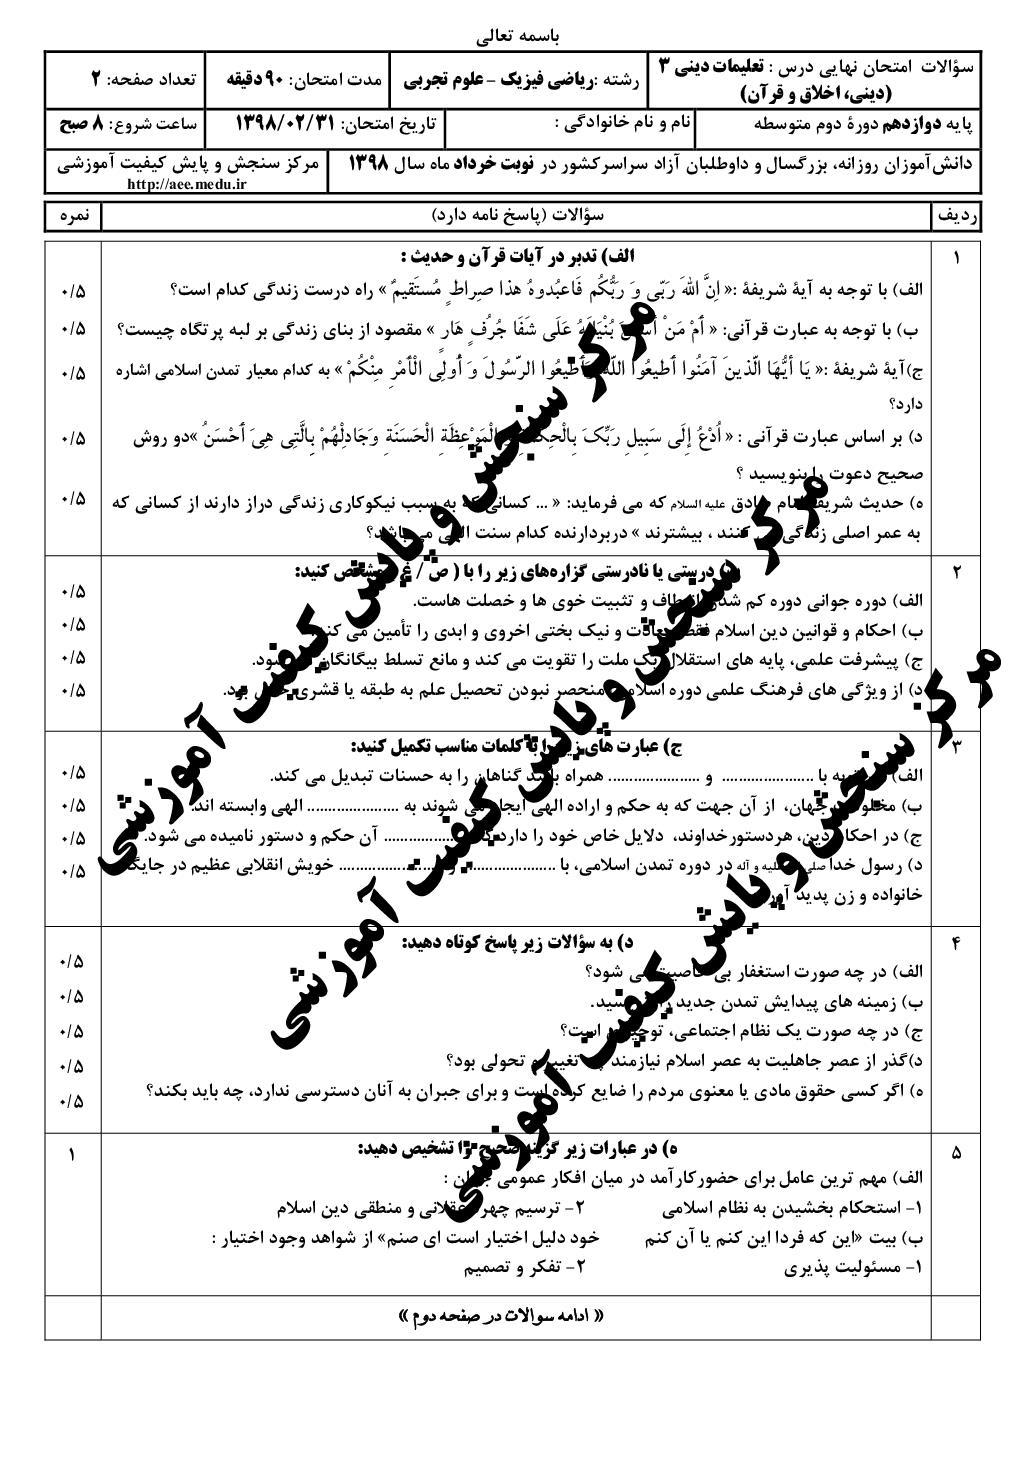 امتحان نهایی دین و زندگی 3 - خرداد 98 (PDF)